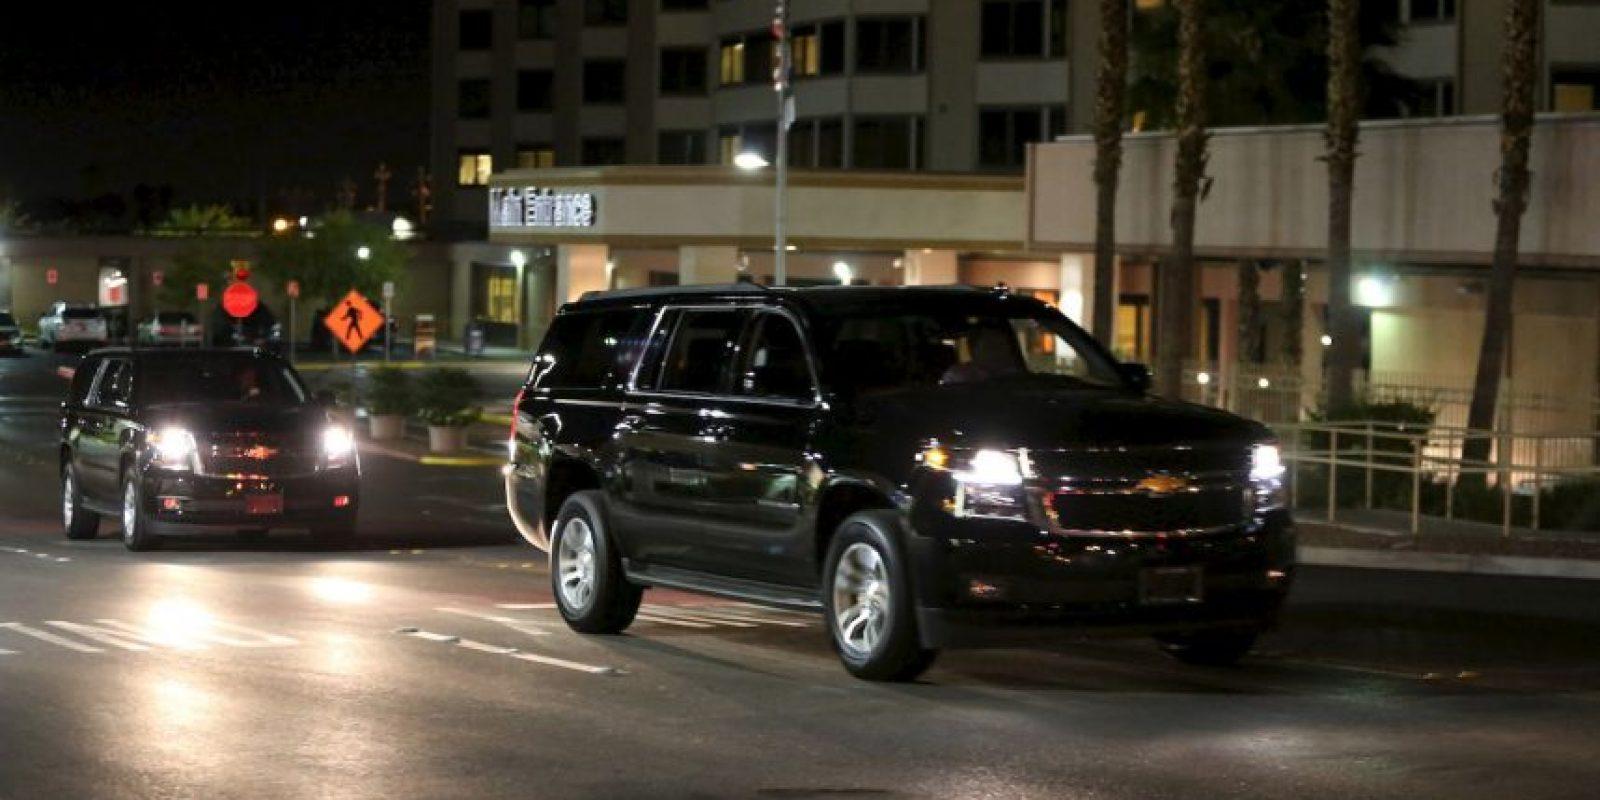 """Según el sitio """"TMZ"""", Lamar fue trasladado a un centro hospitalario de Pahrump, tras ser encontrado inconsciente en un burdel de Nevada Foto:Getty Images"""